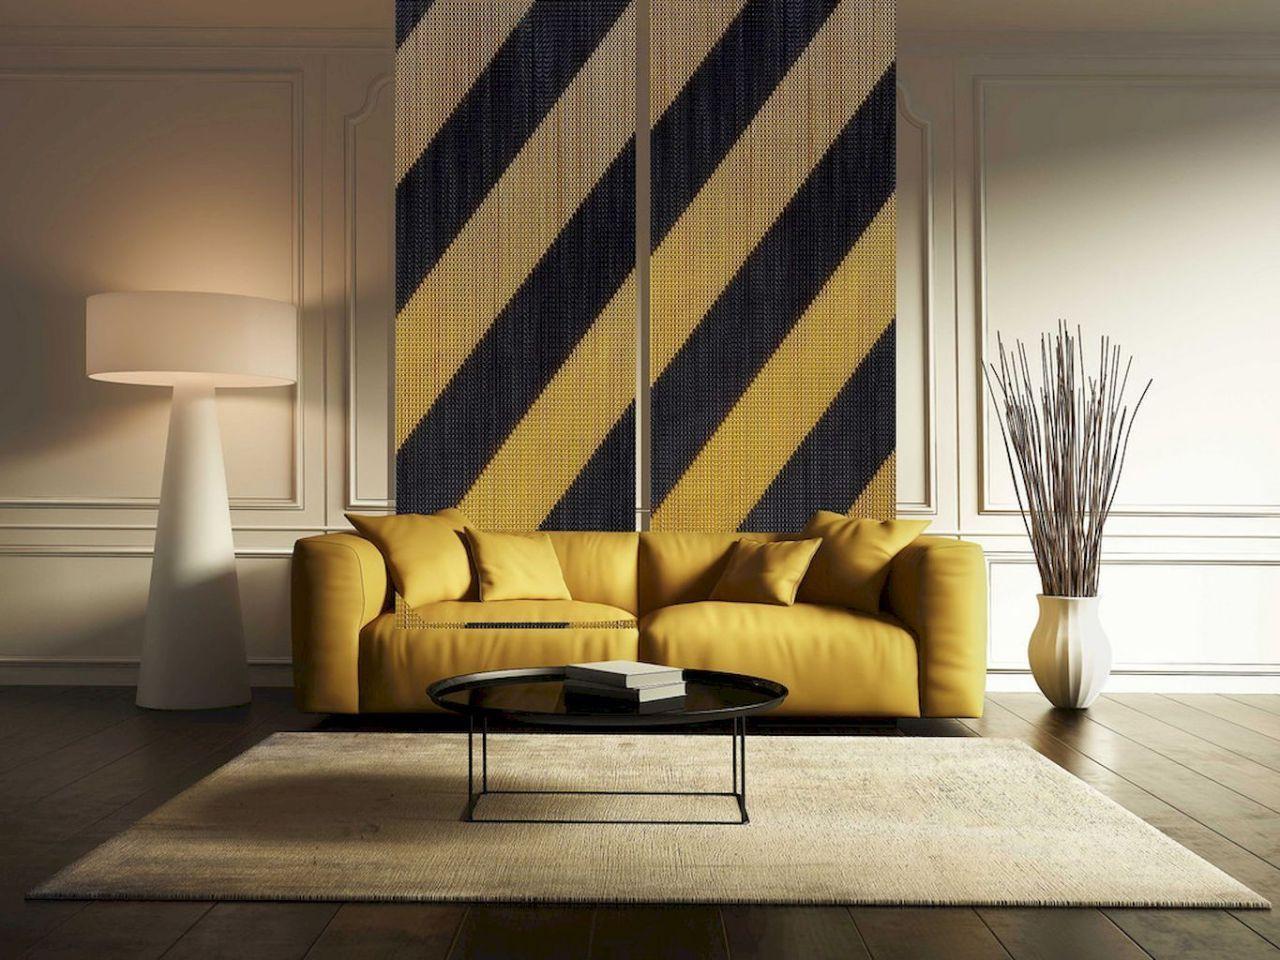 05 inspiring yellow sofas for living room decor ideas